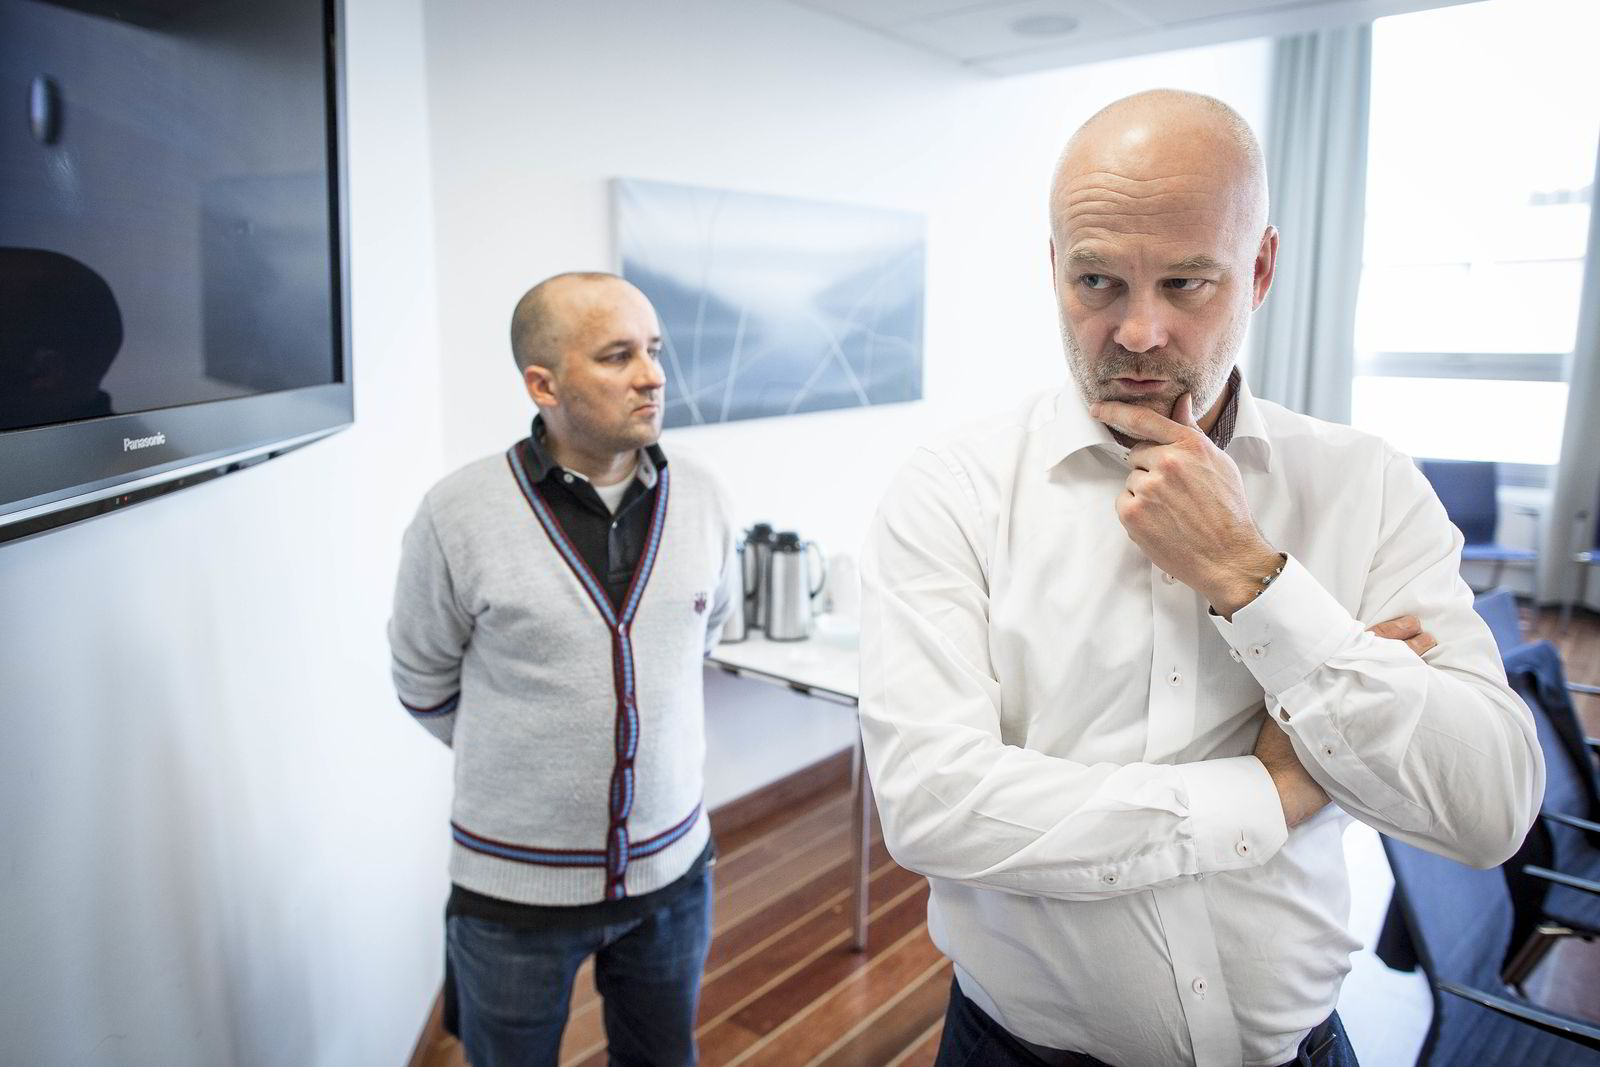 Kringkastingssjef Thor Gjermund Eriksen og NRKs analysesjef Kristian Tolonen.